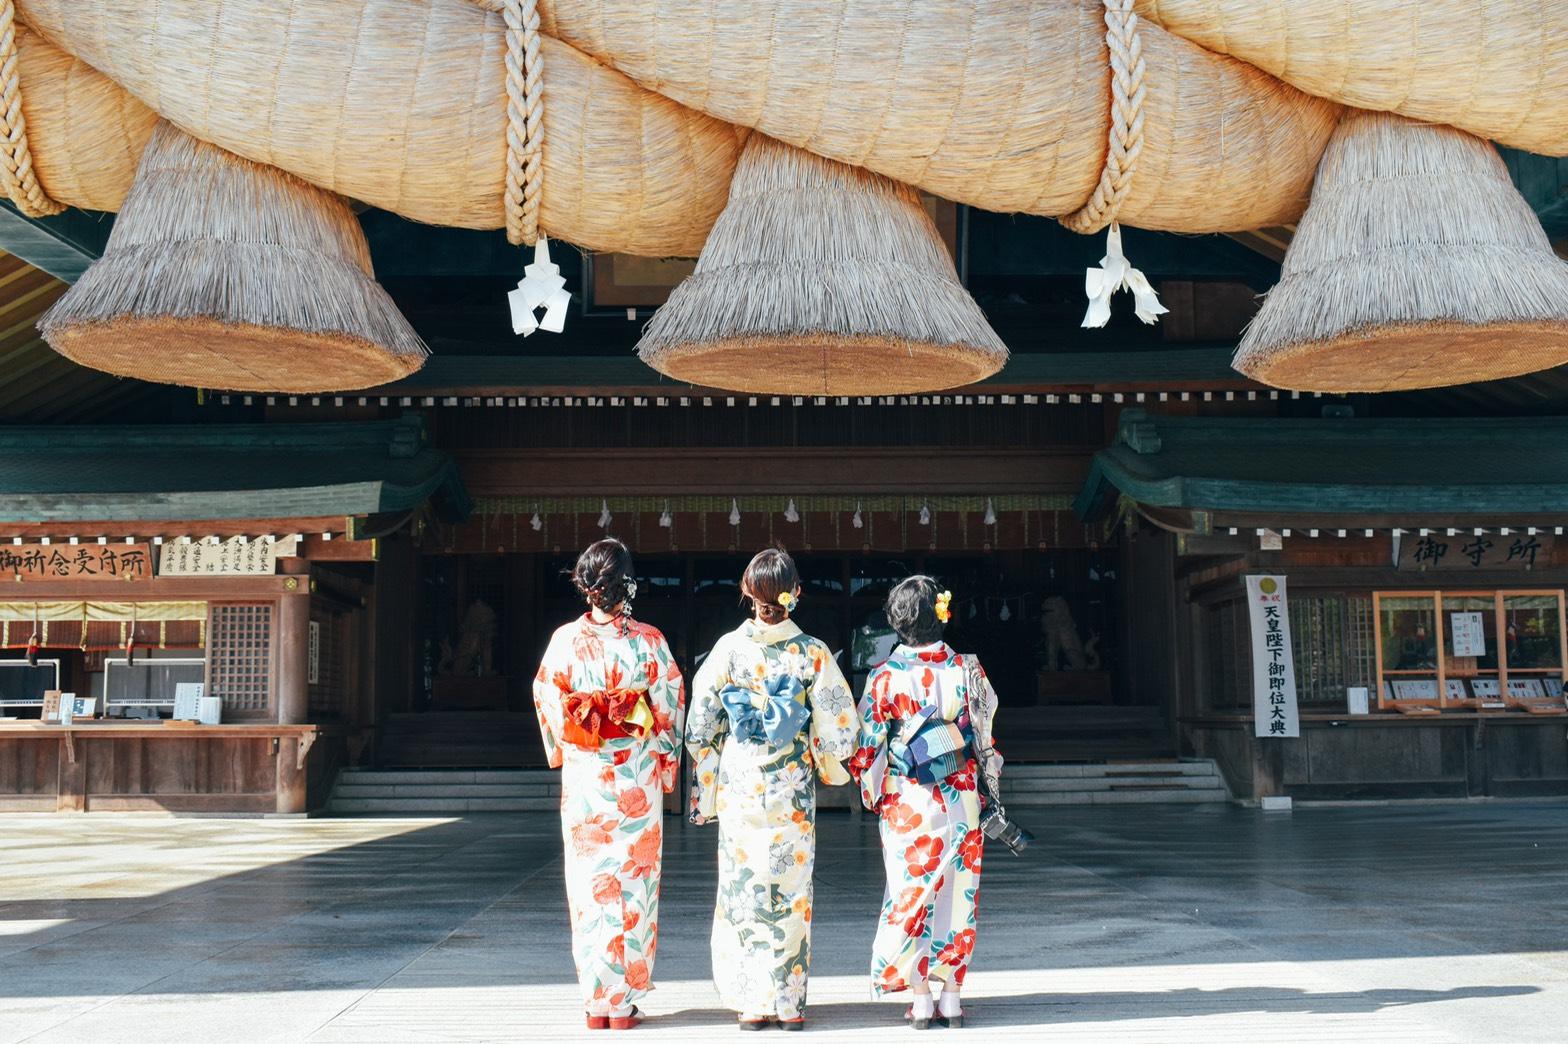 【山陰】山陰のまんなかで王道スポットを巡るカメラ旅レポート公開!画像